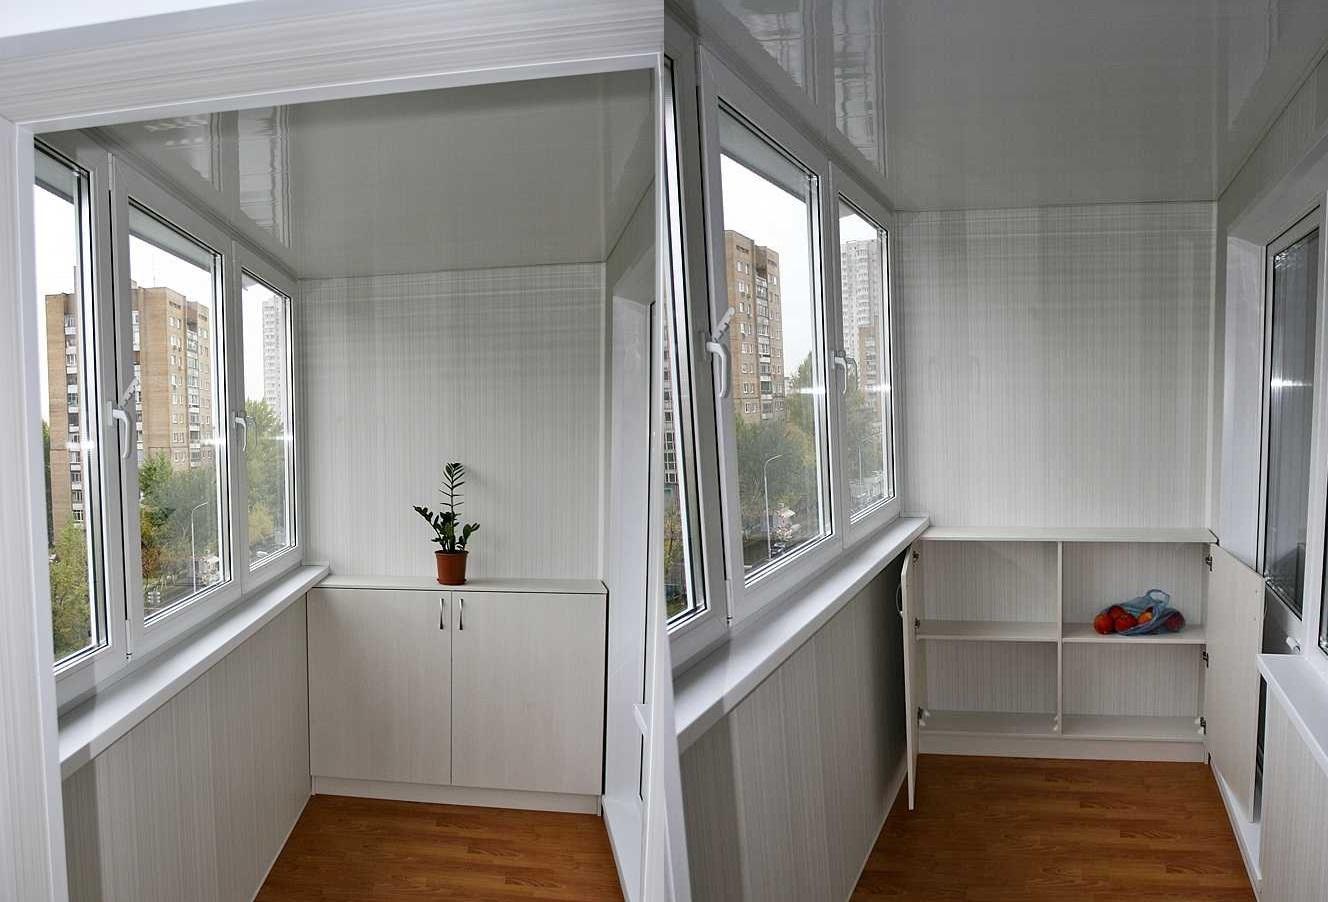 Шкафы на балконе дизайн своими руками